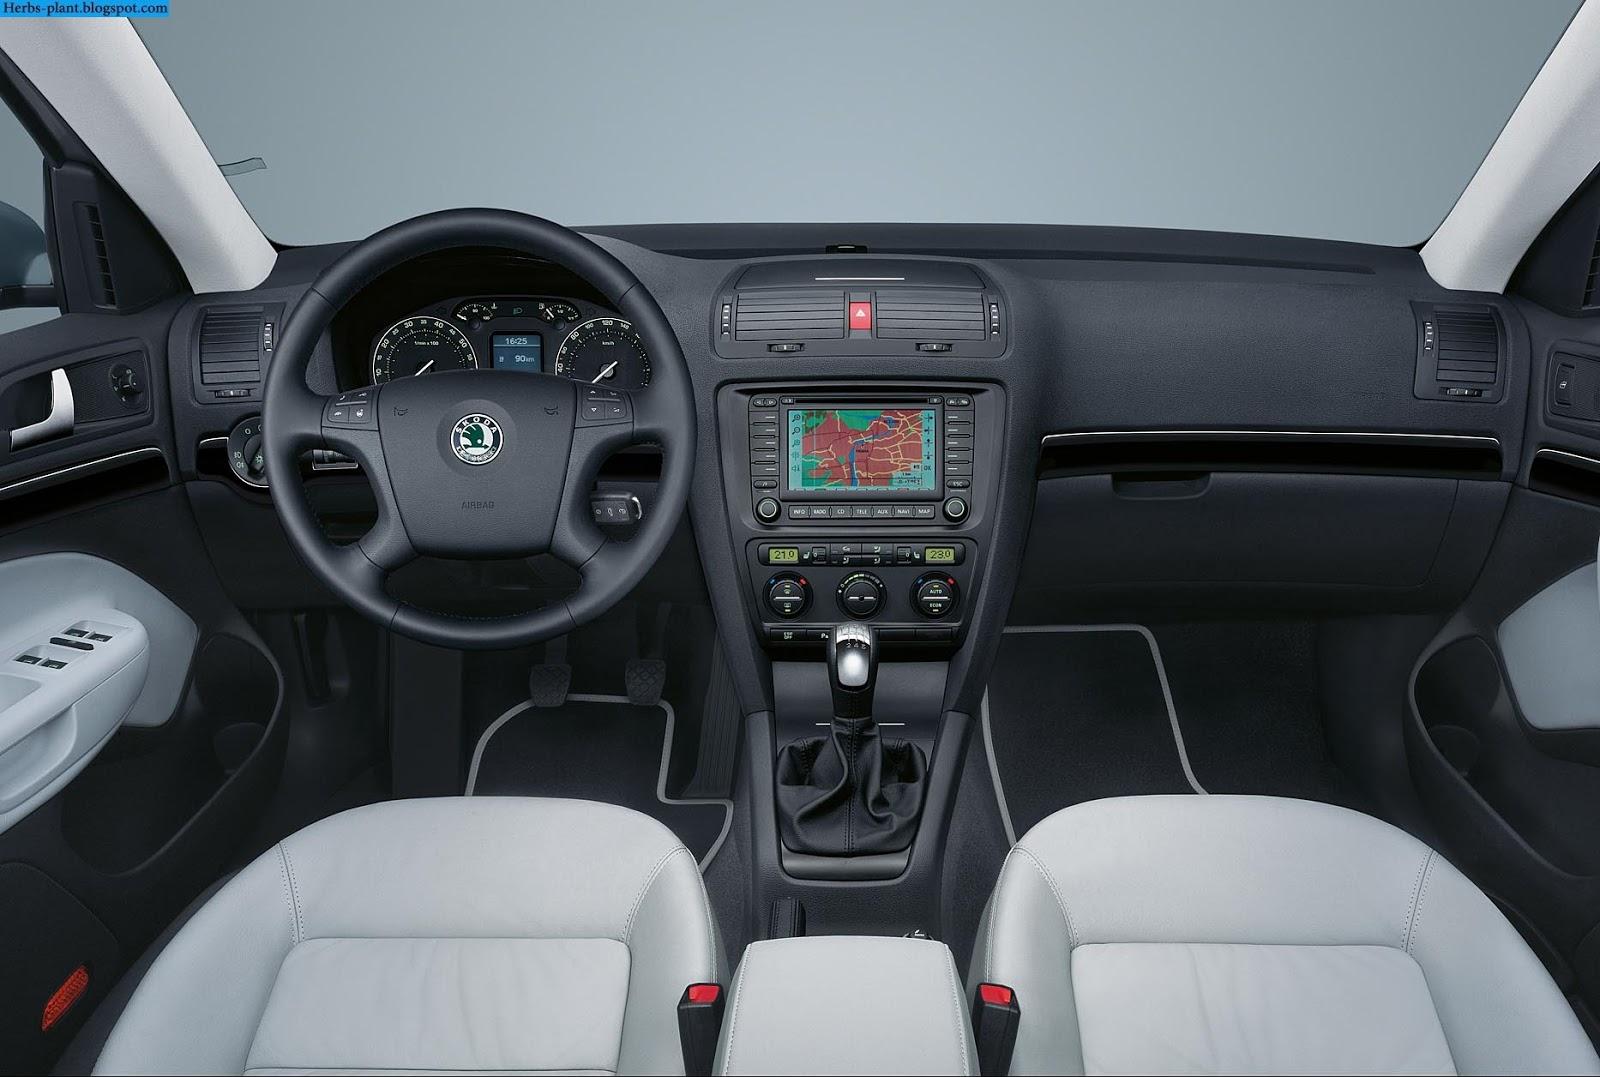 Skoda felicia car 2000 interior - صور سيارة سكودا فليشيا 2000 من الداخل